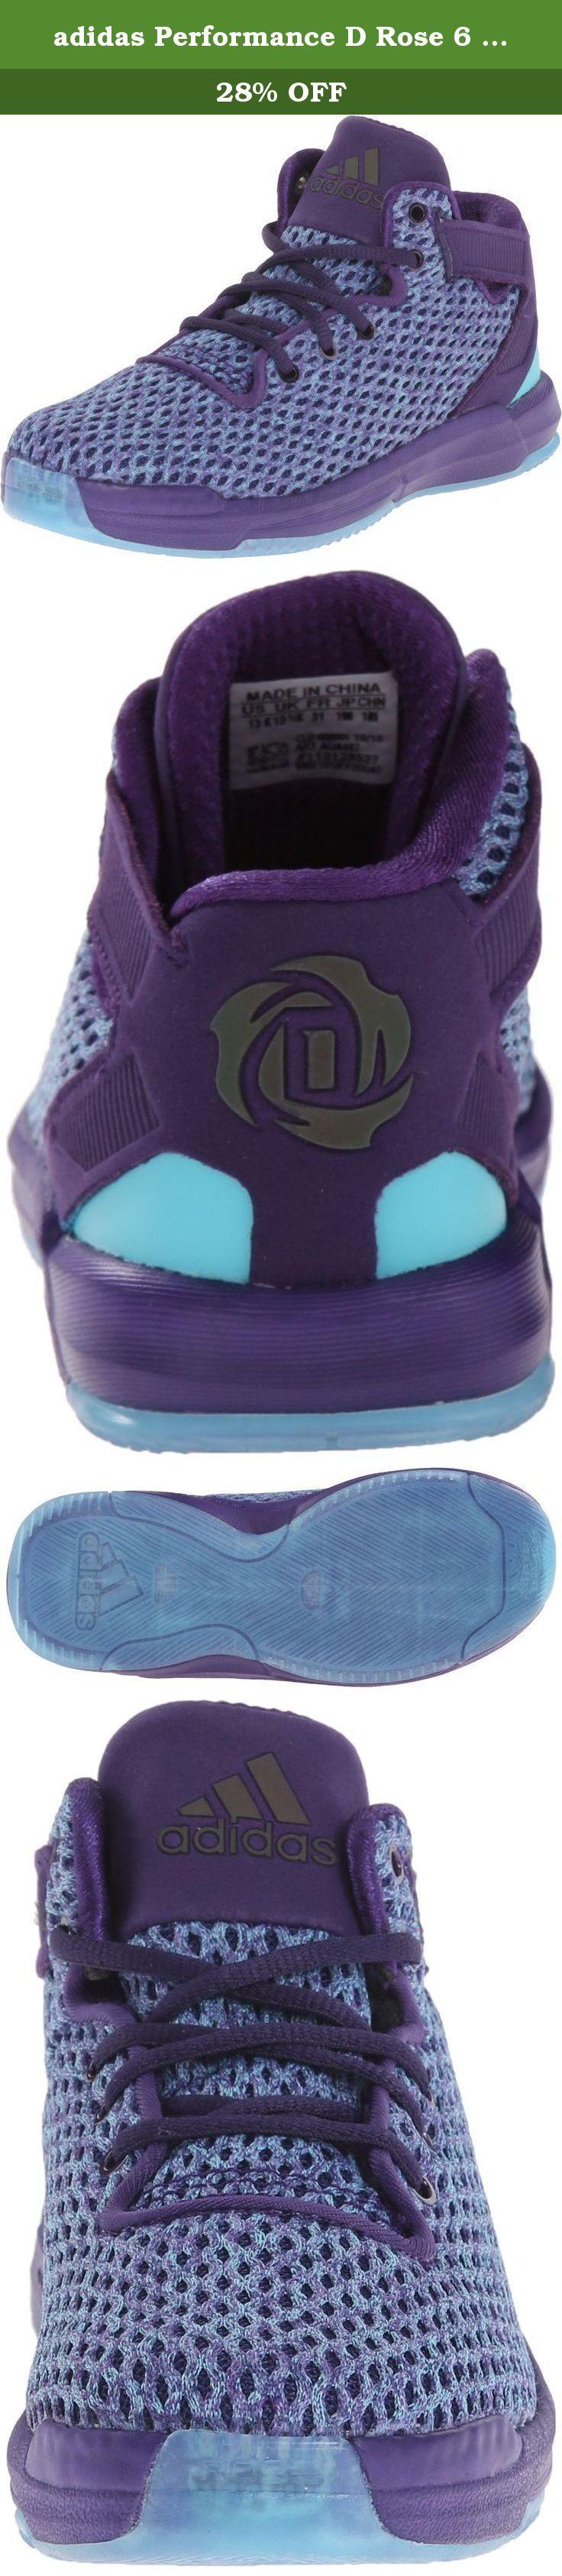 adidas Performance D Rose 6 C Shoe (Little Kid),Dark Purple/Blast Purple/Blue,12 M US Little Kid. Kid's Athletic Shoes.